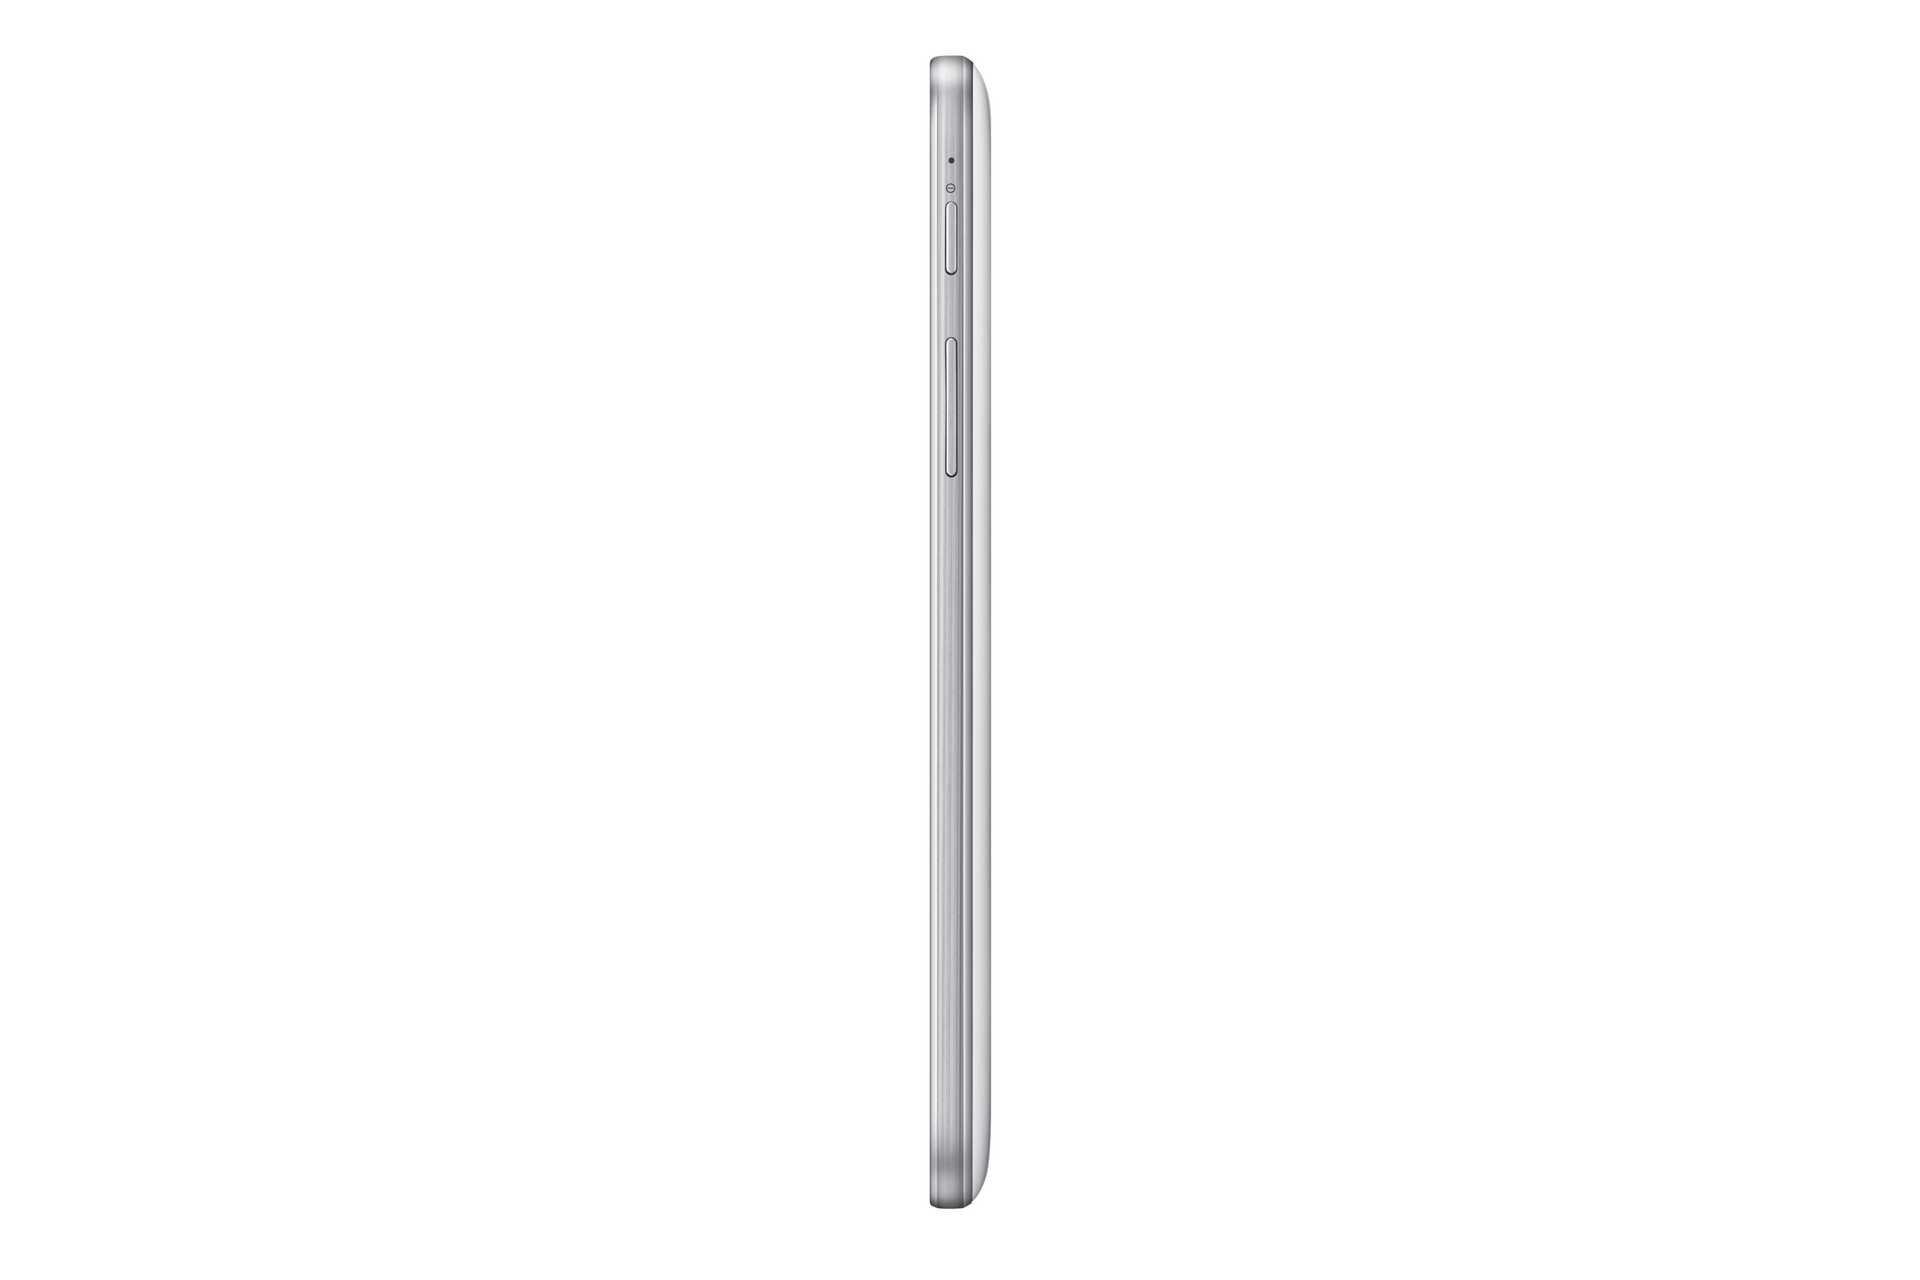 Samsung annuncia il nuovo Galaxy Tab 3 da 7 pollici!